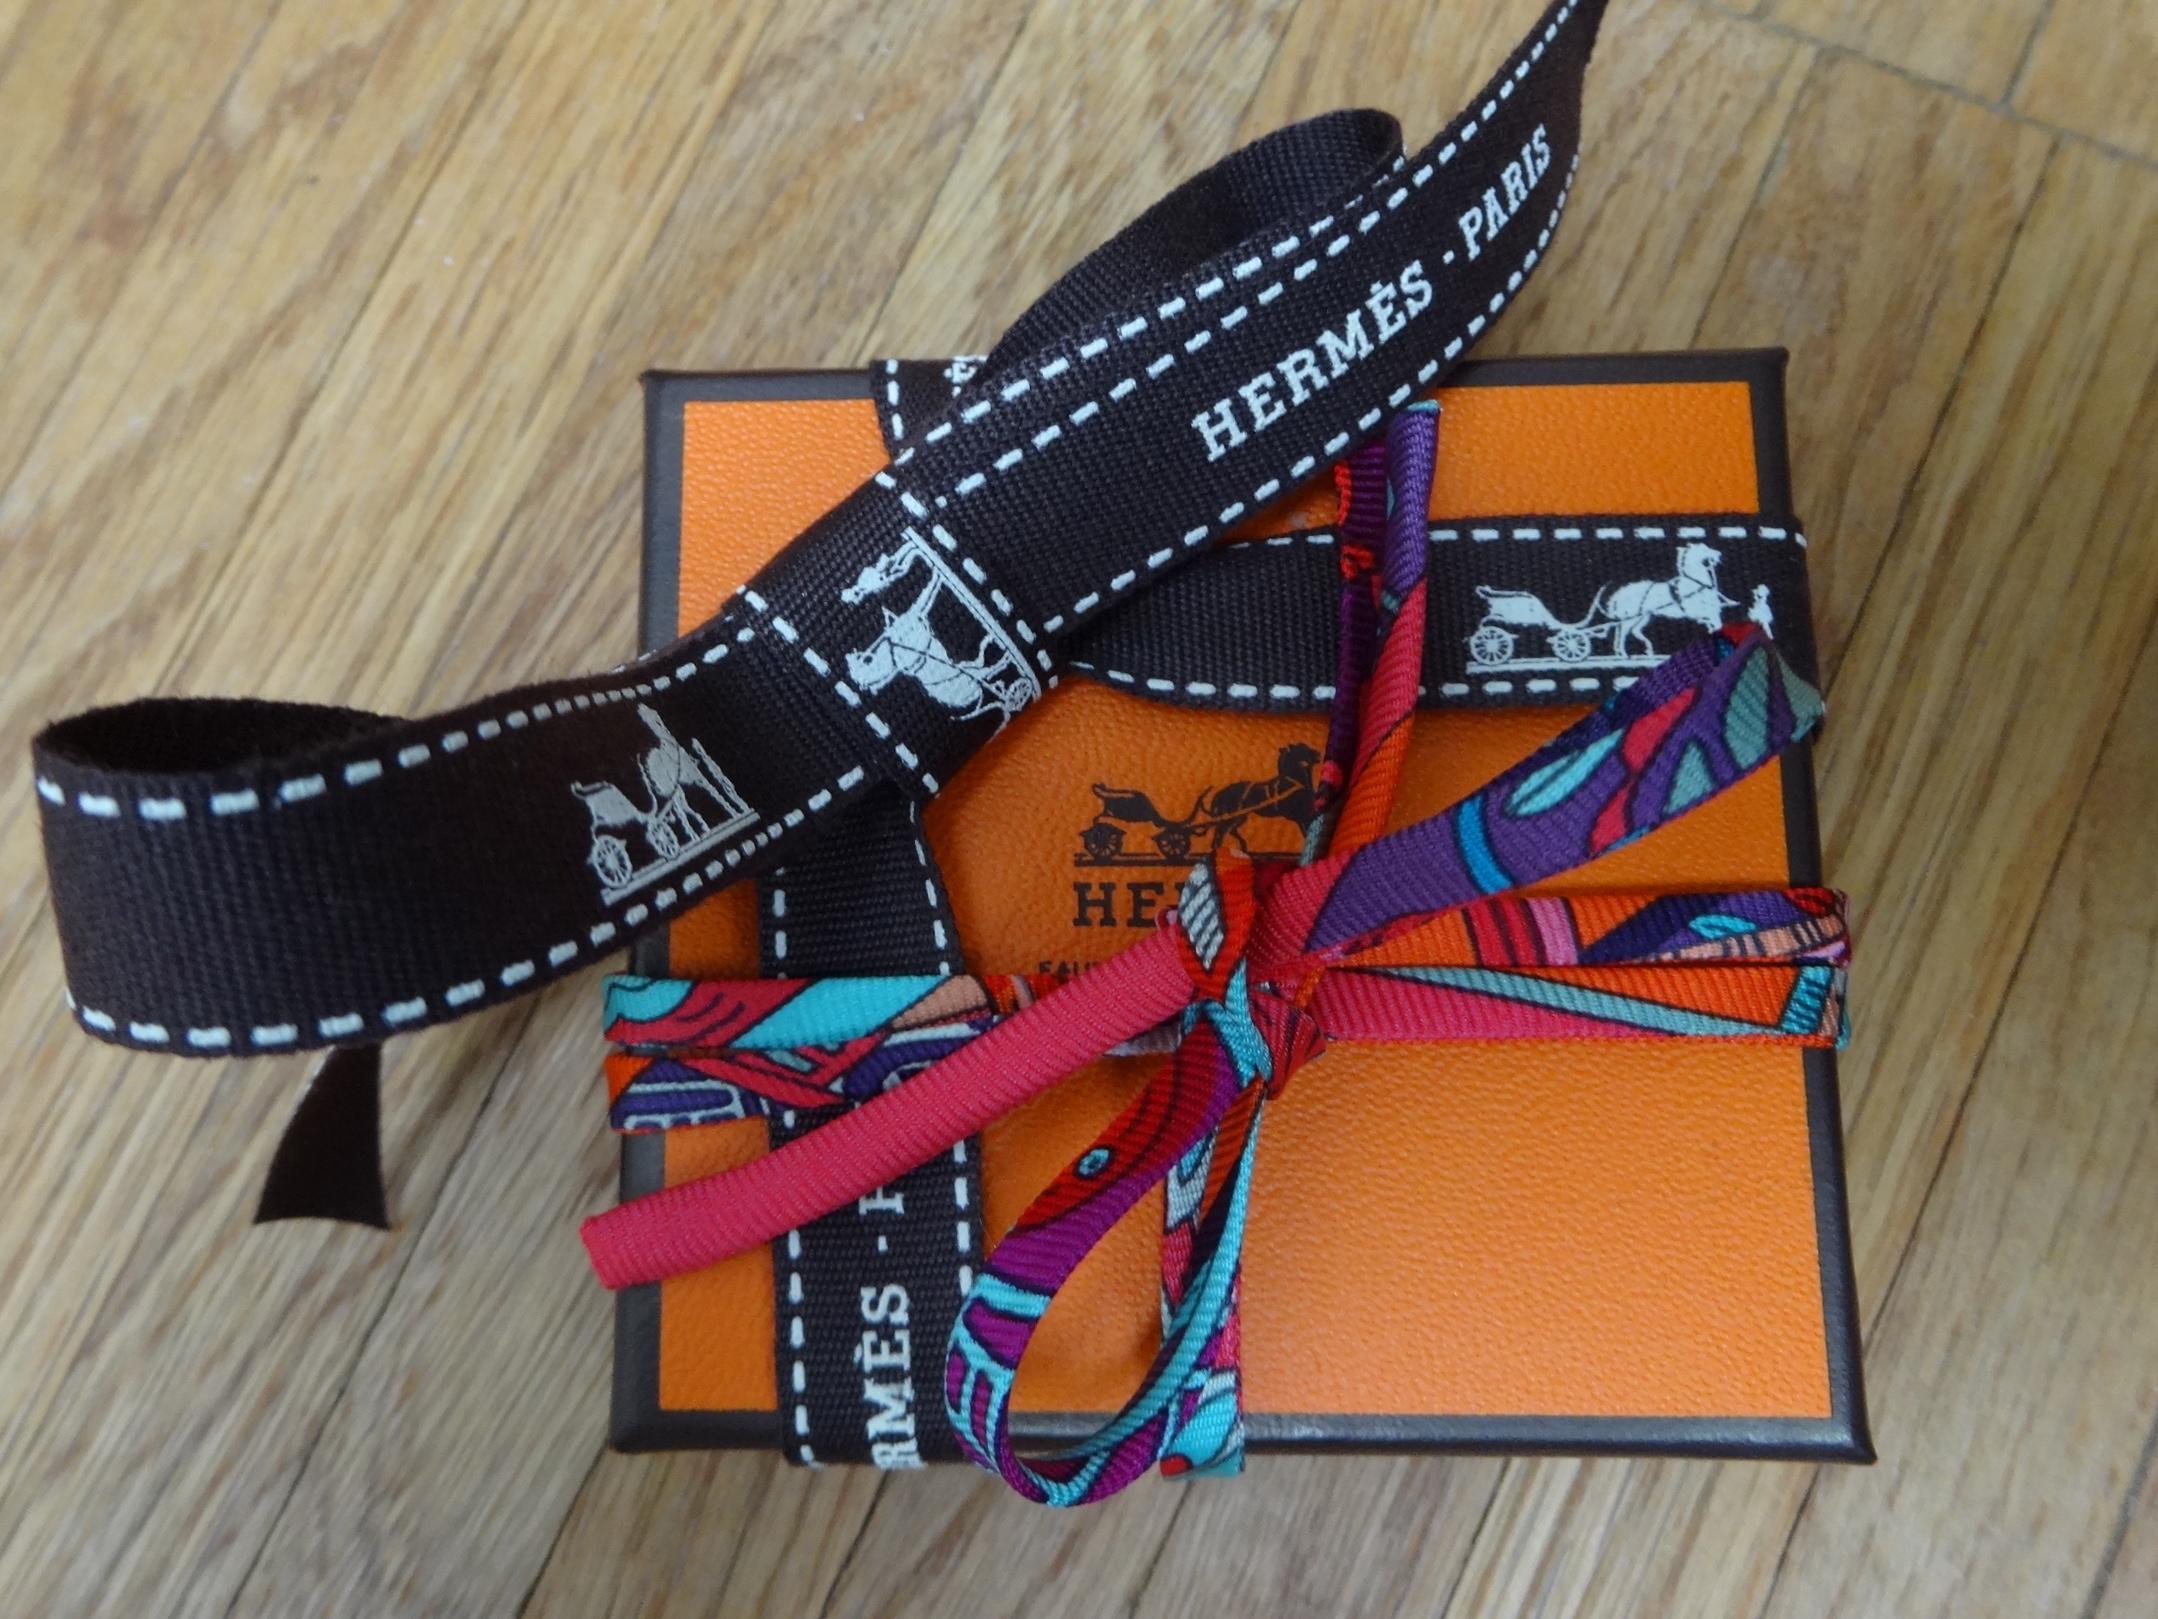 DSC02928 Hermes Giveaway HappyFace313